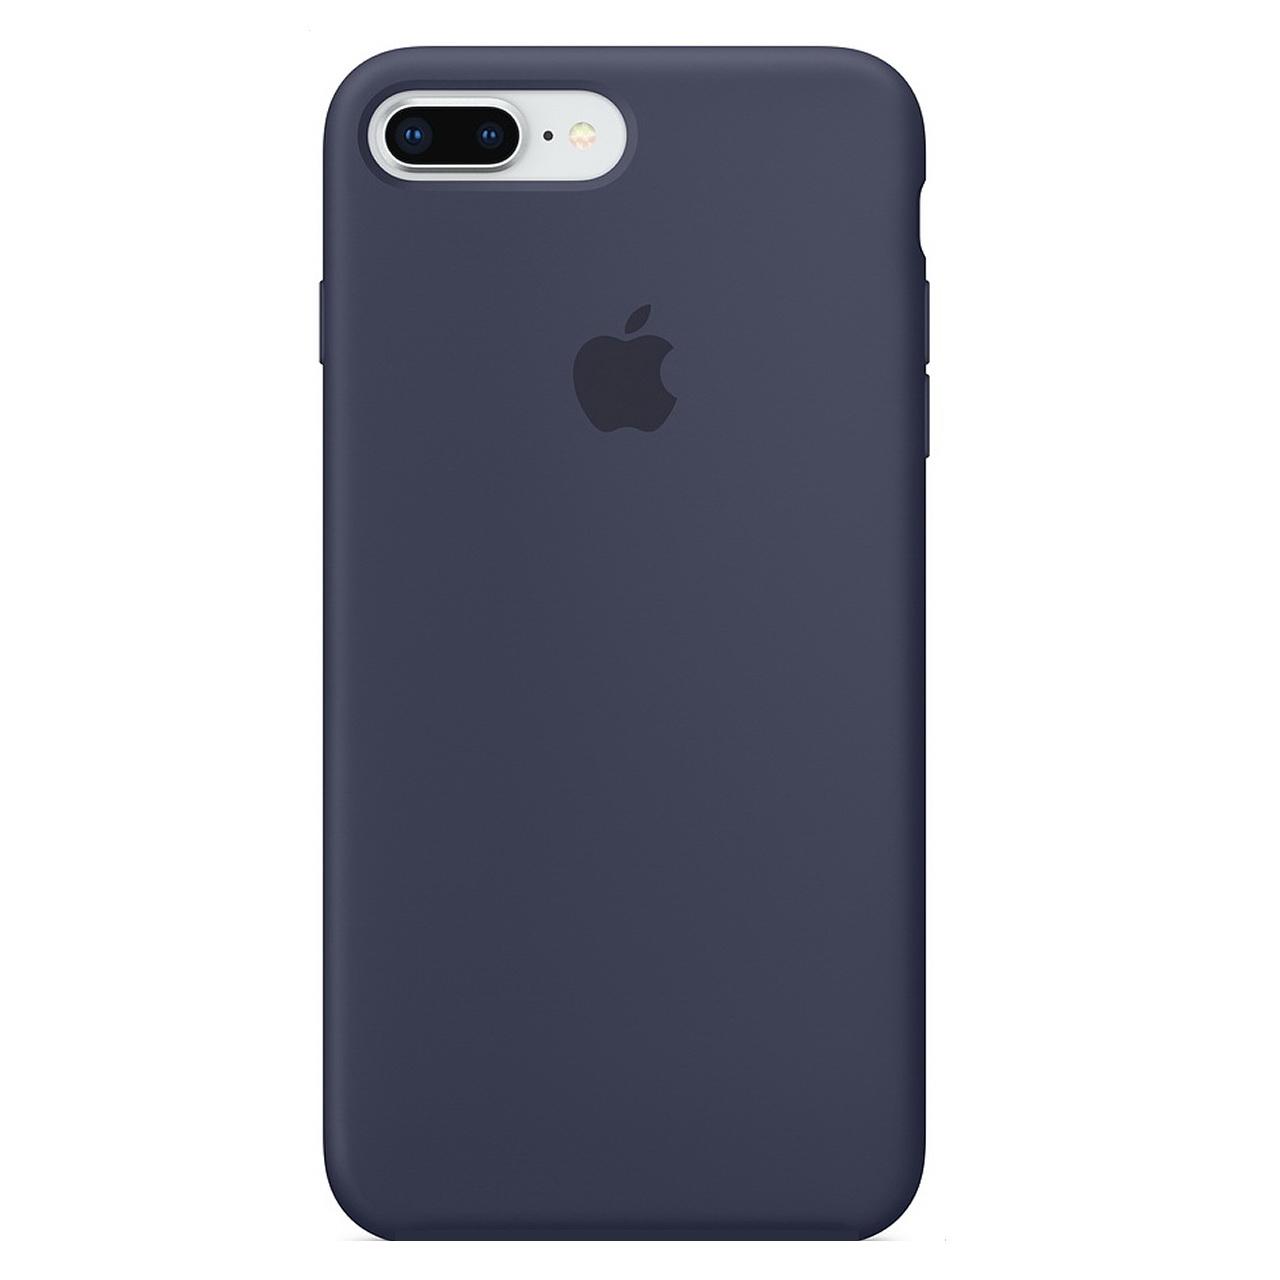 کاور سیلیکونی مدل SlC مناسب برای گوشی موبایل اپل آیفون 7Plus / 8Plus              ( قیمت و خرید)